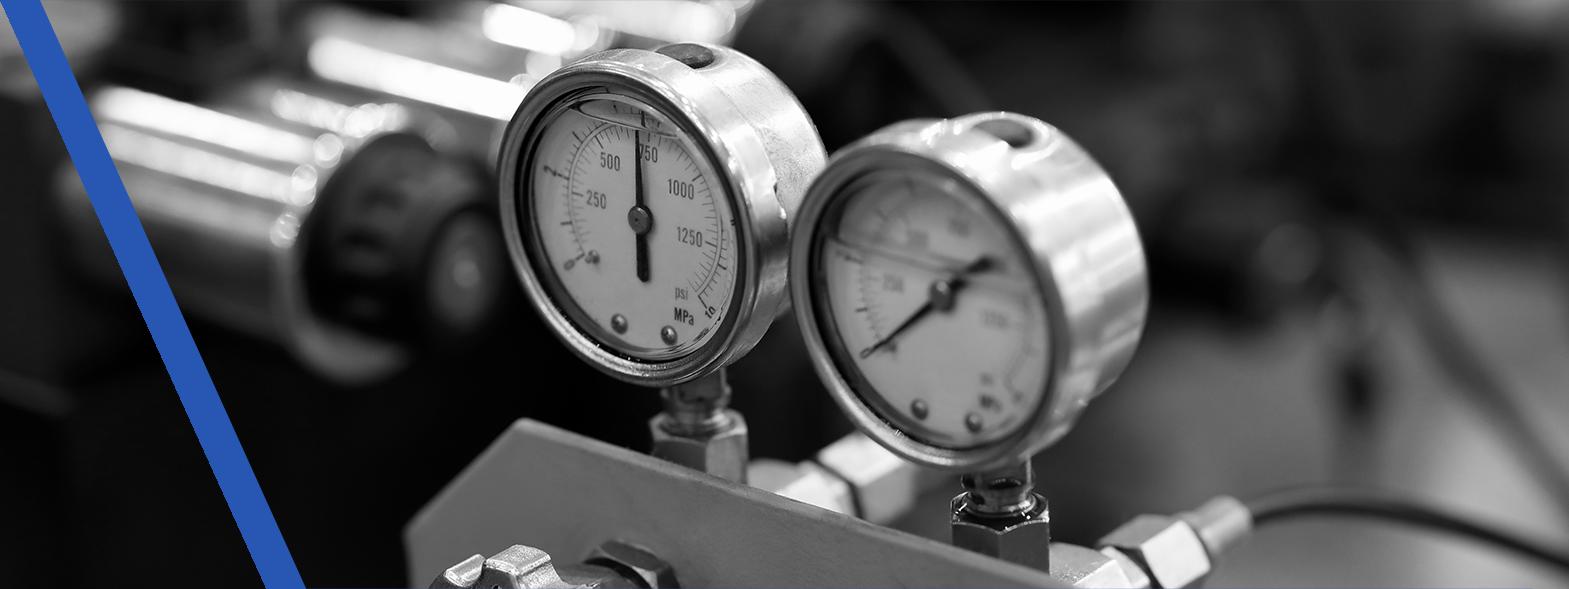 油圧機器・駆動機器